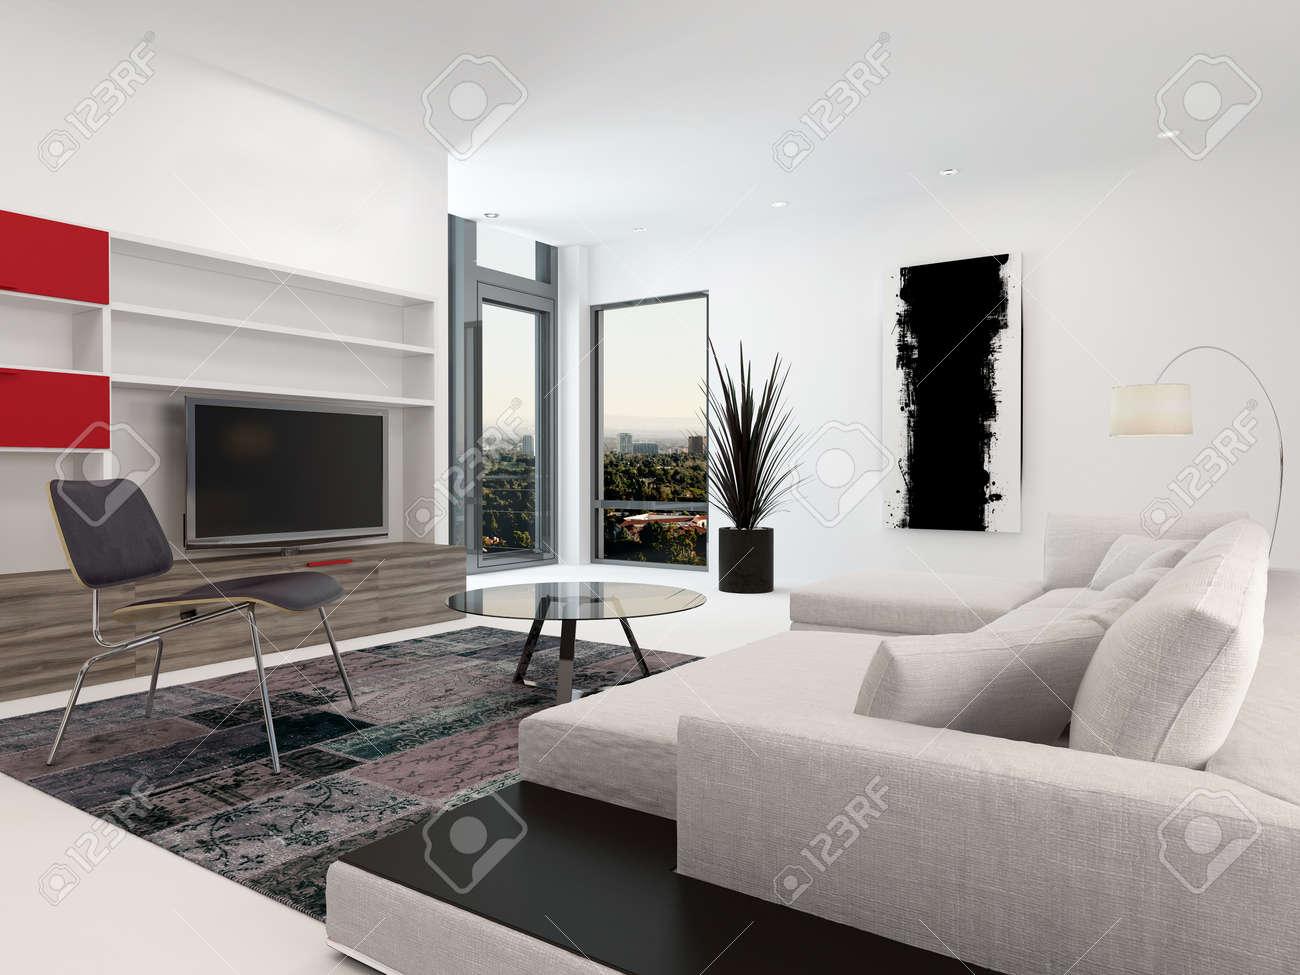 Moderne Wohnzimmer Innenraum Mit Einem Großen Fernseher In Wandschränke,  Ein Großes Gepolstertes Sofa Und Kleinen